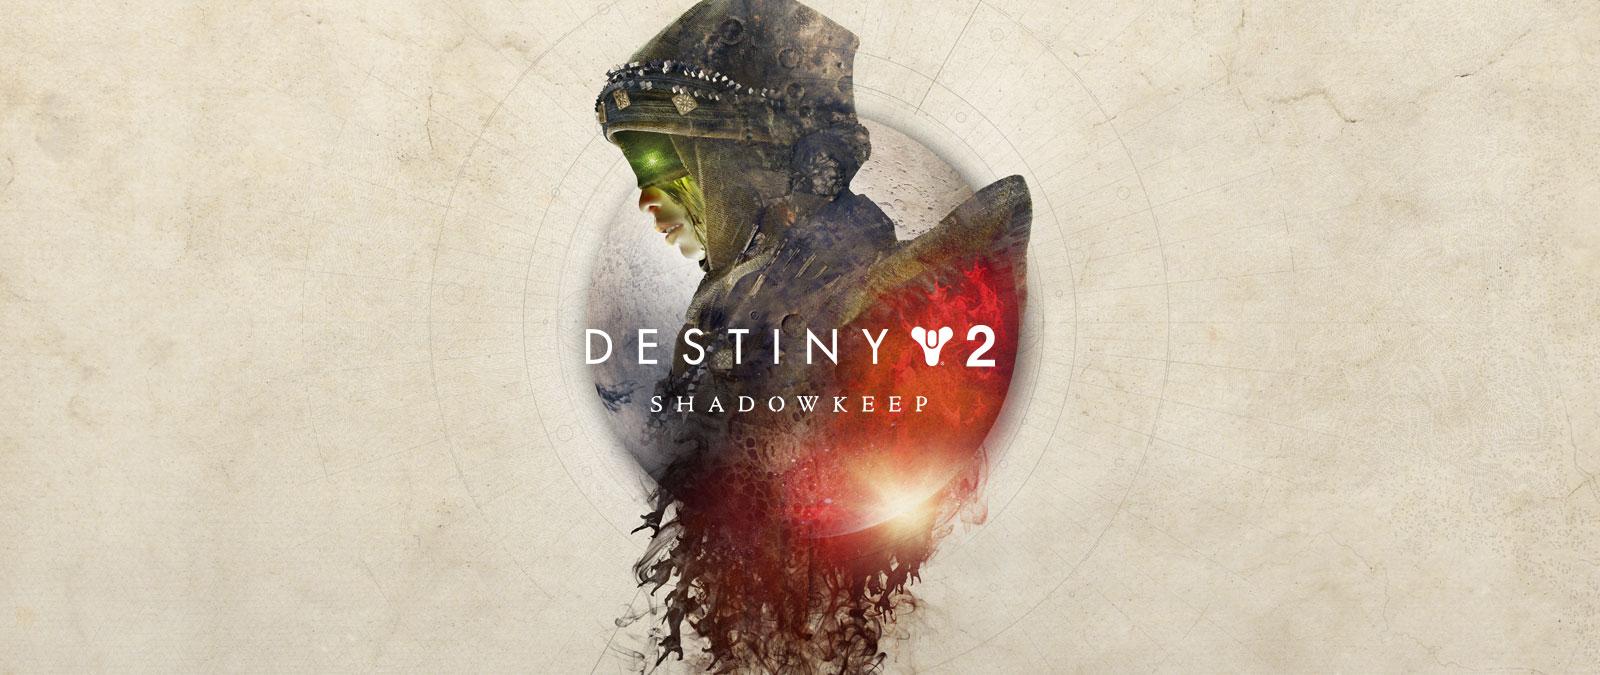 Destiny 2 Shadowkeep, Eris Morns överkropp sedd från sidan och den nedre halvan av månen